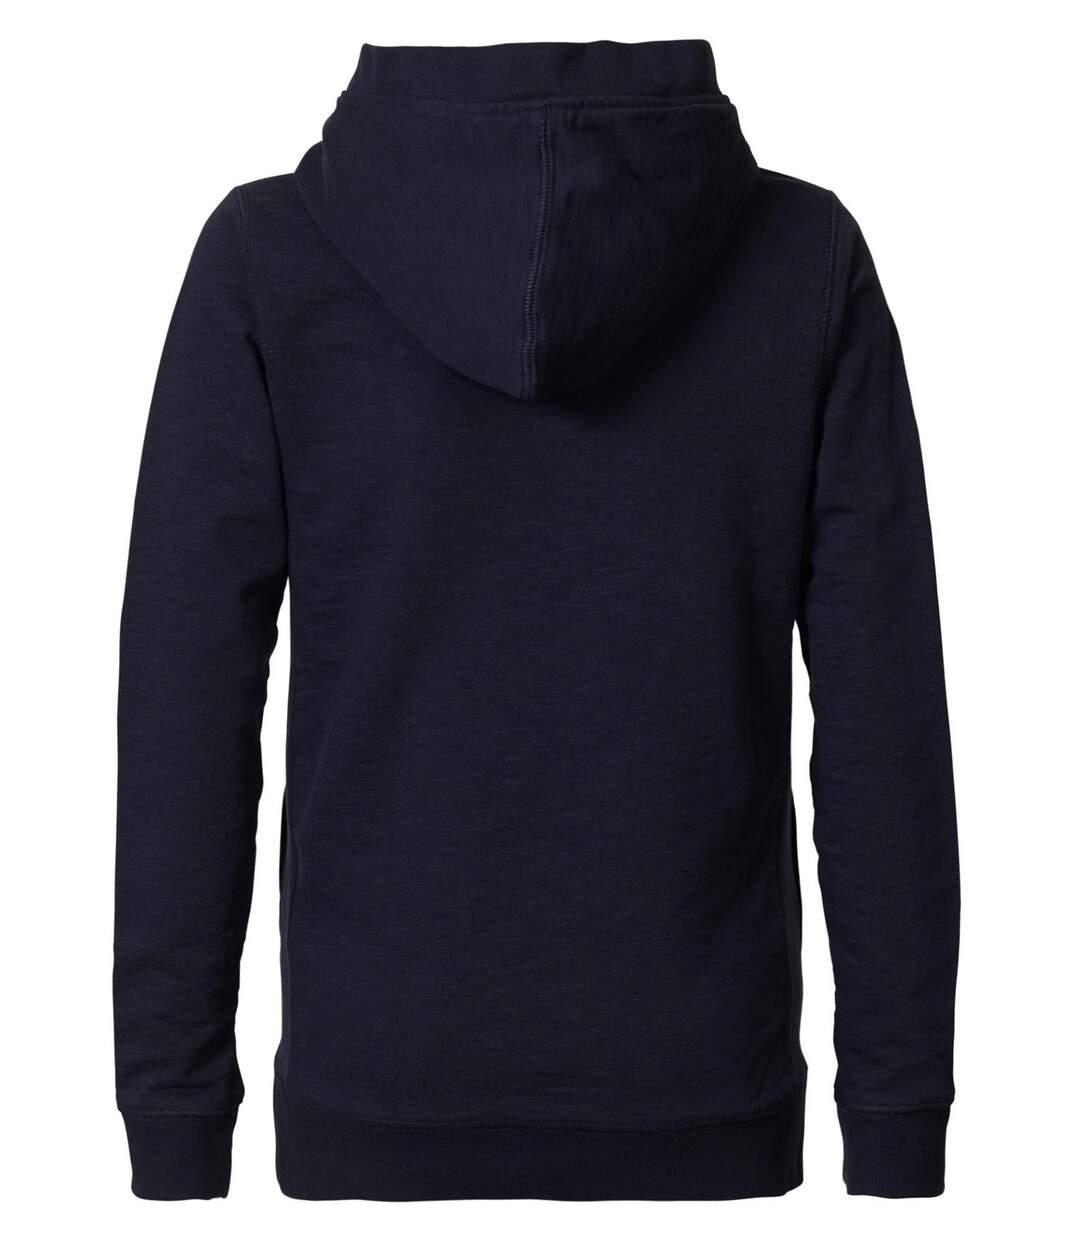 Sweat bleu SWH302 à capuche avec broderie relief en dégradé couleur